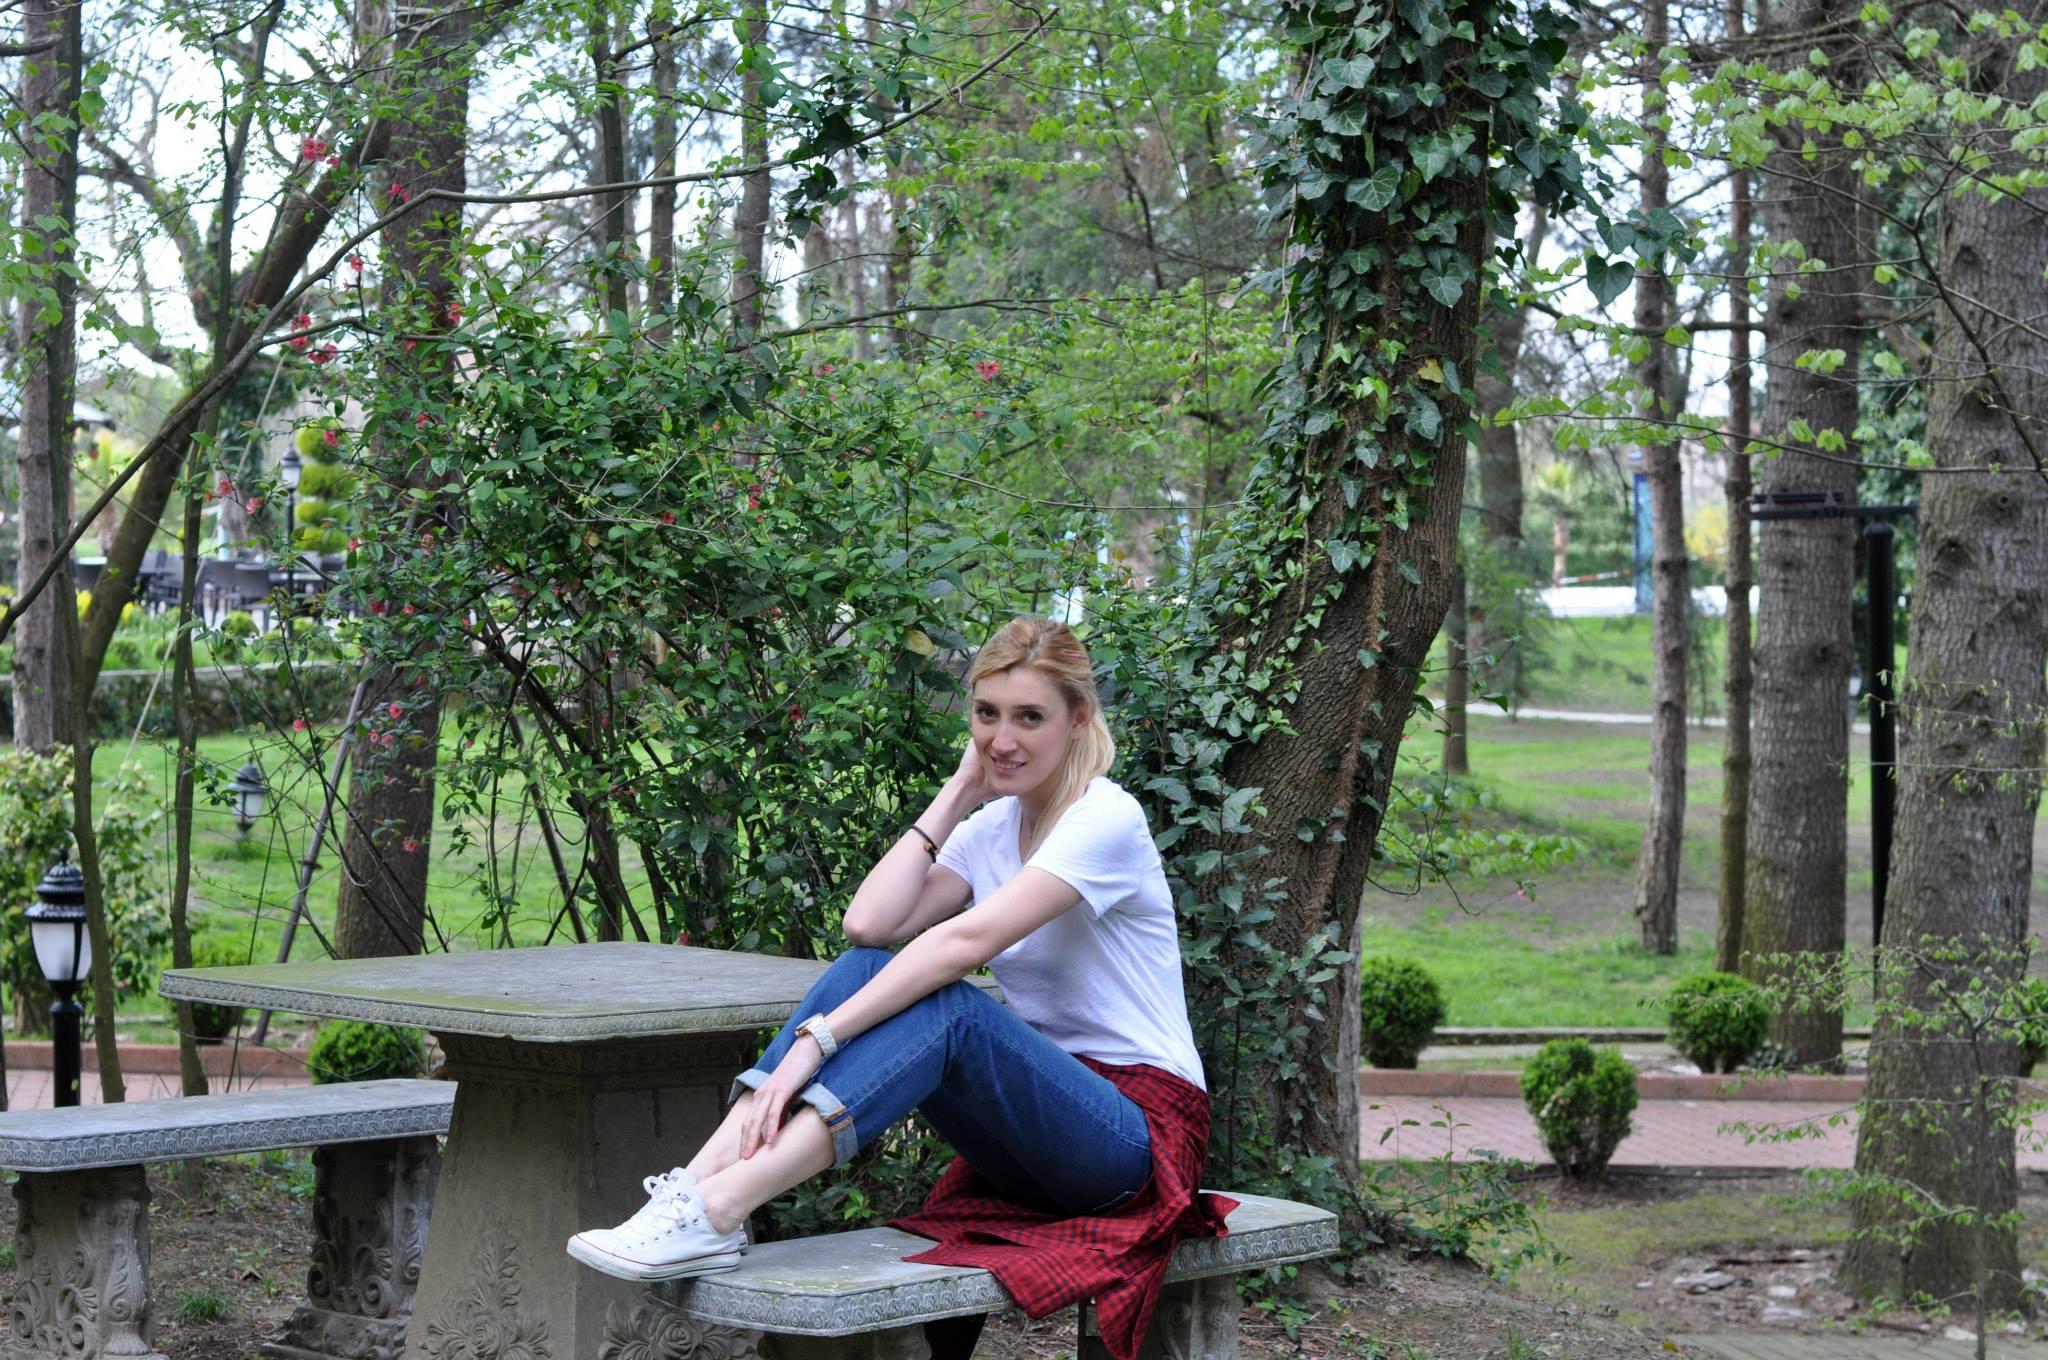 levis-ct-501-boyfriend-jeans-burcu-ozcan-chihuahua-mira-diary-of-burcu-diaryofburcu-3